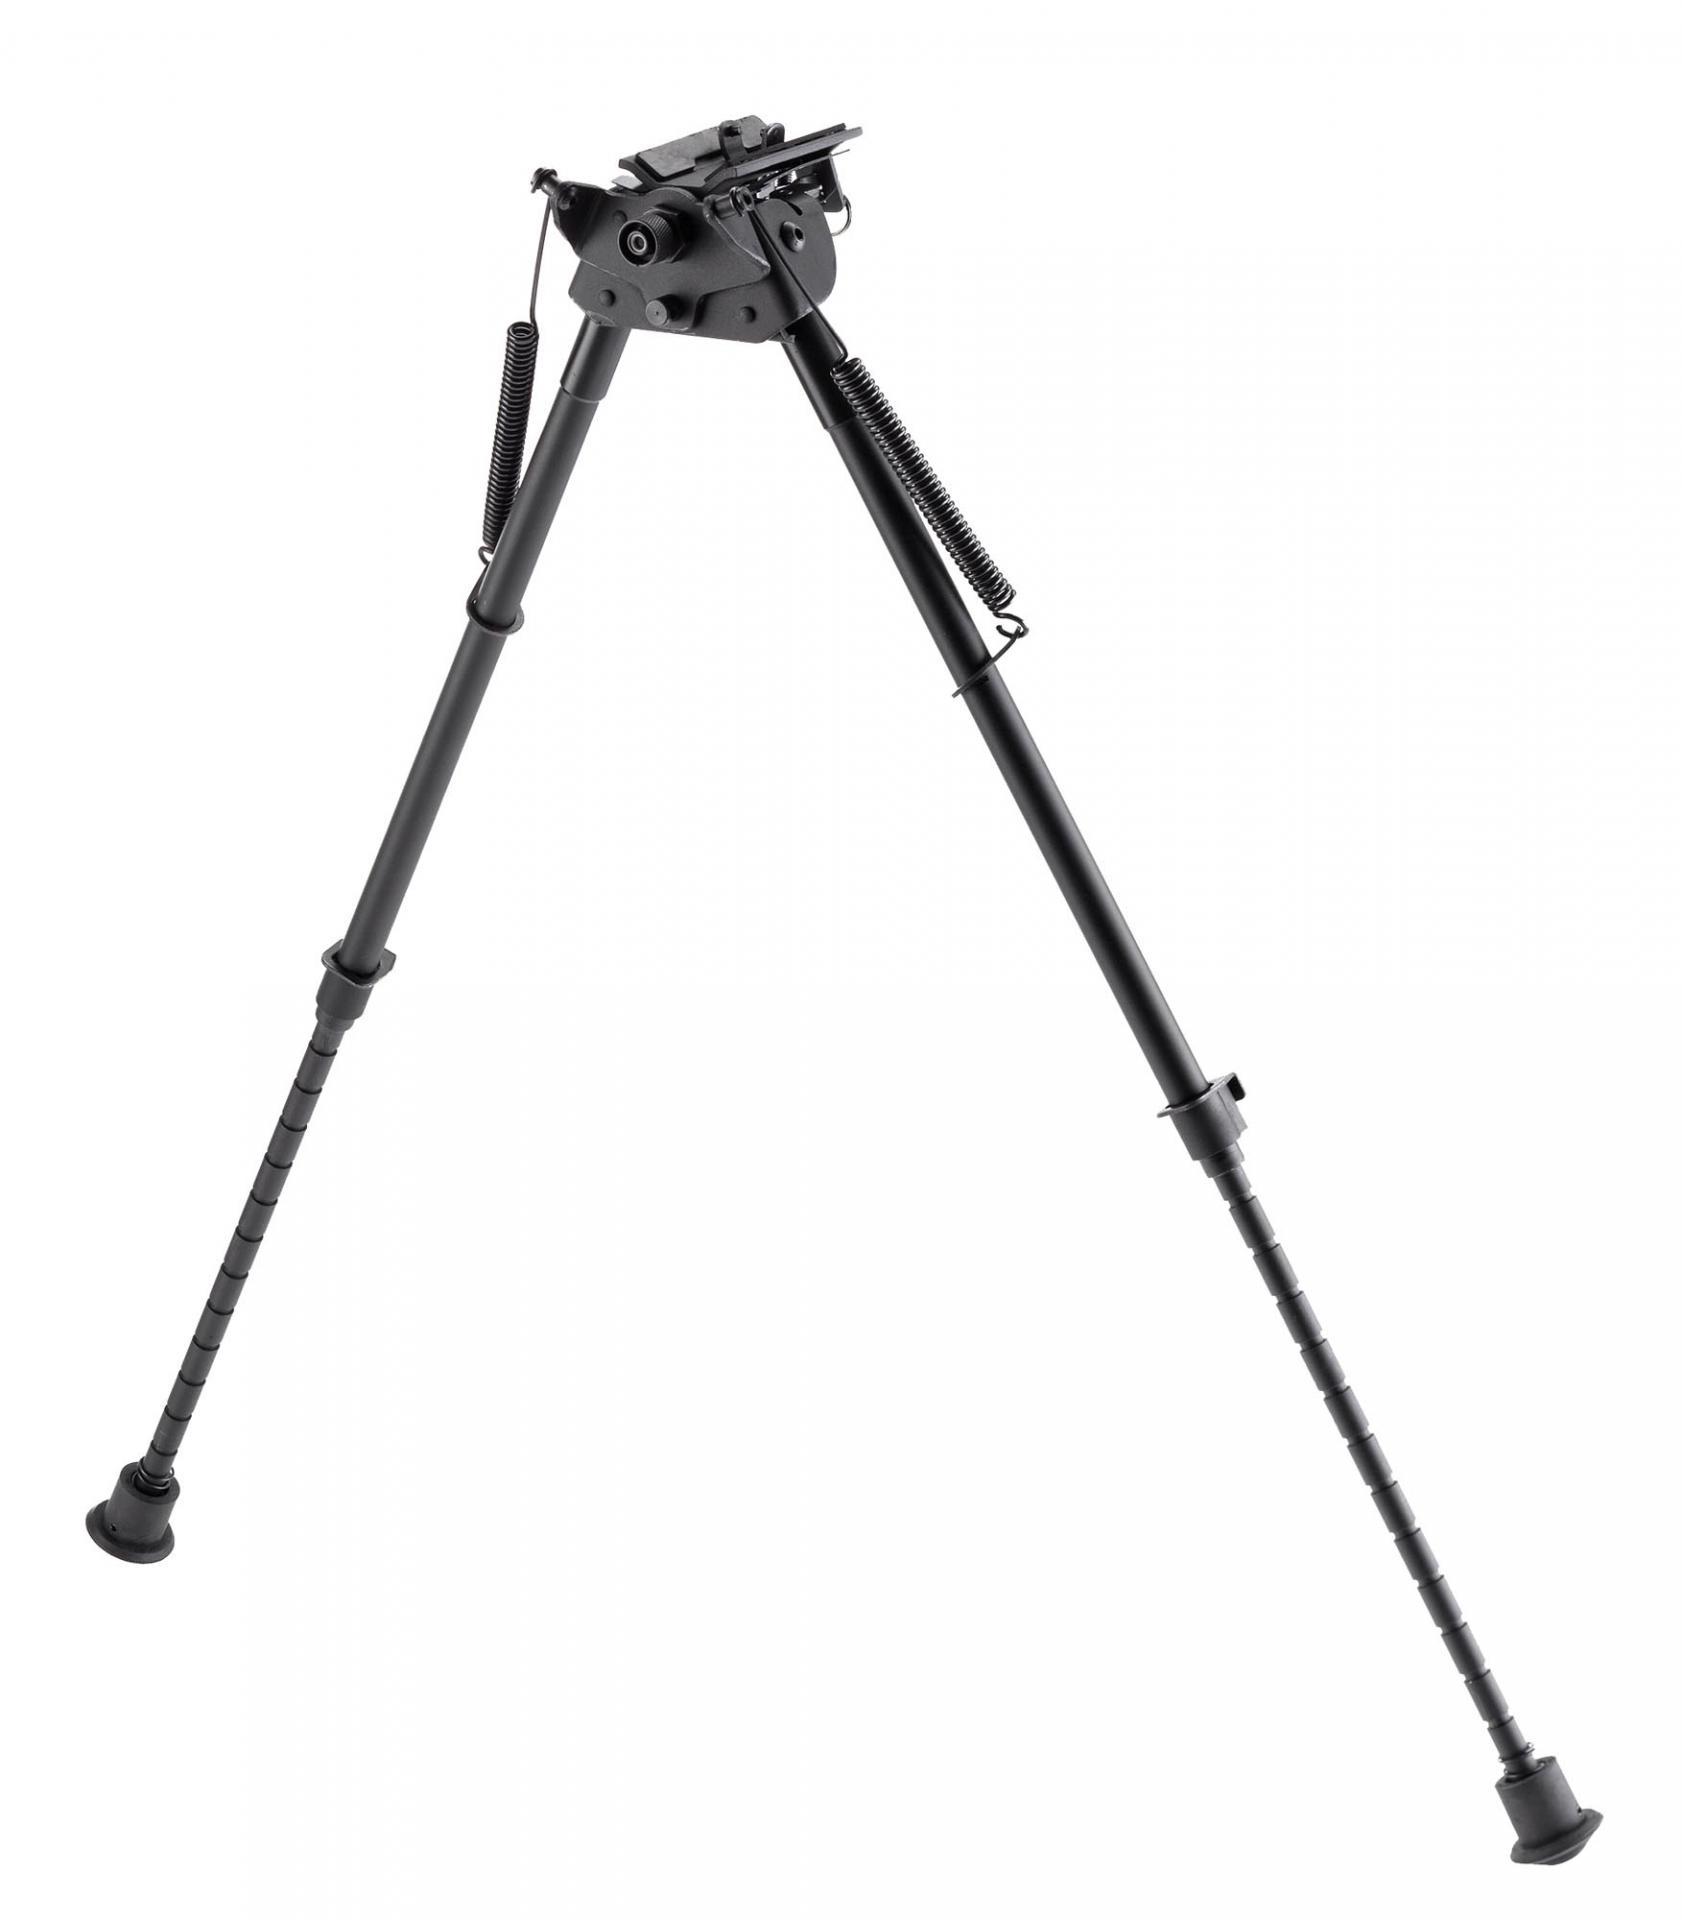 Bipieds pour fusil et carabine 33 cm a 58 cm de haut parfait aussi pour l airsoft